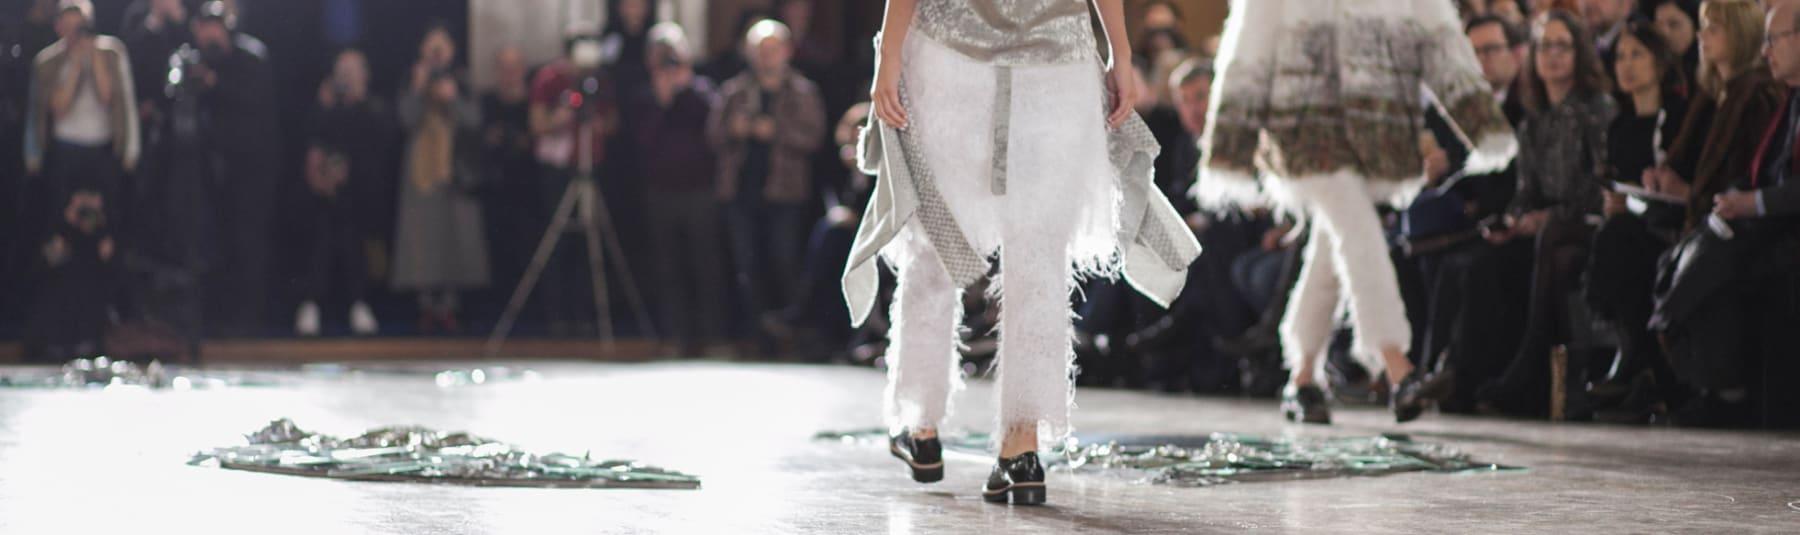 Models walking a catwalk